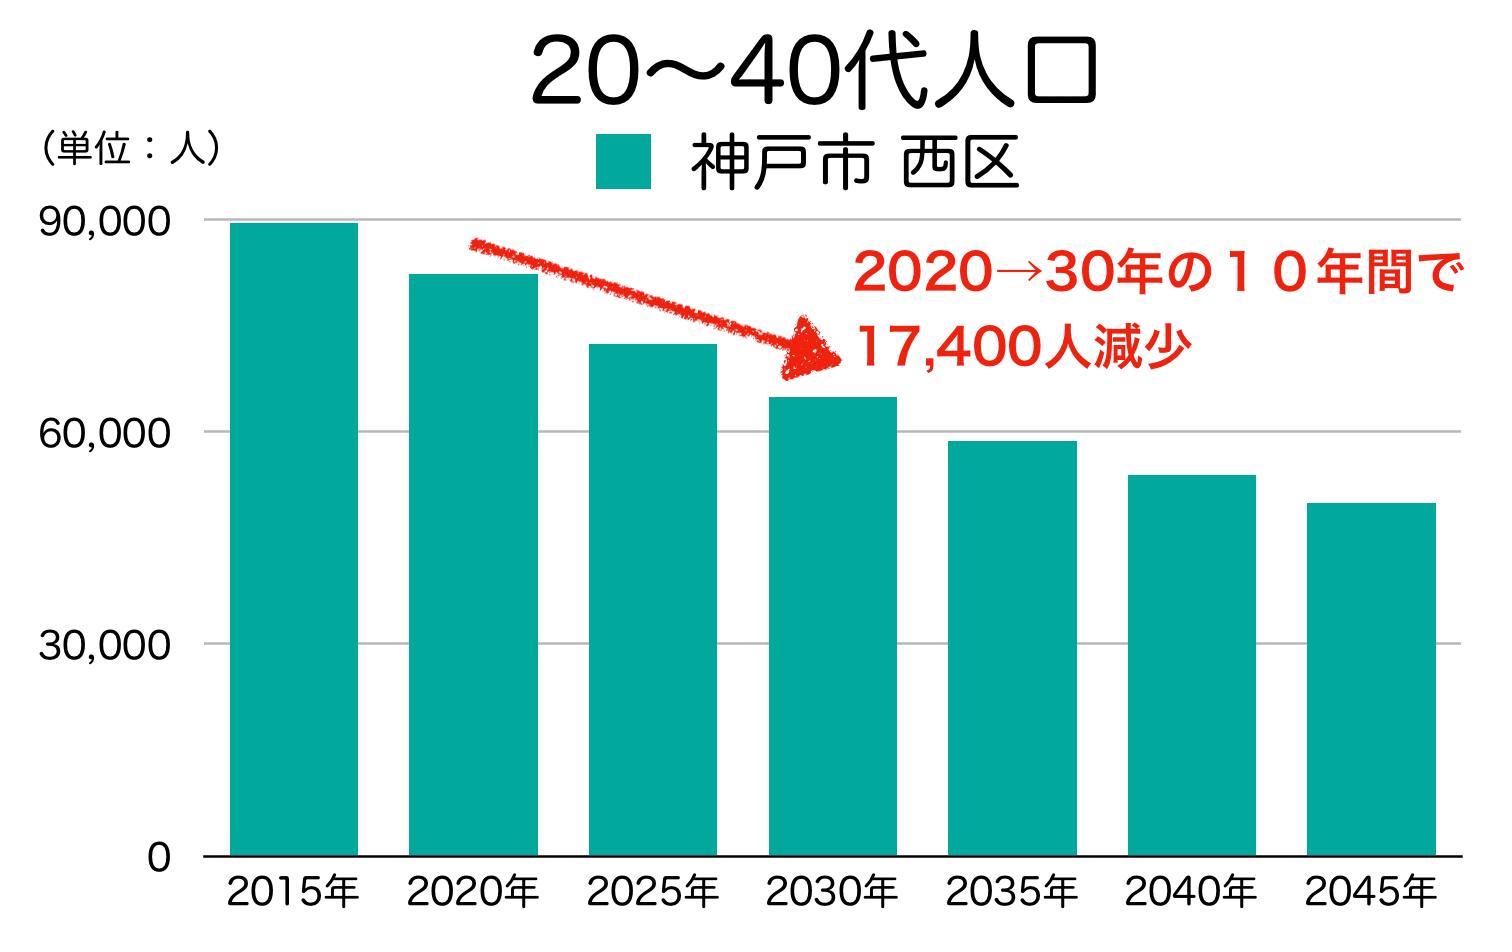 神戸市西区の20〜40代人口の予測